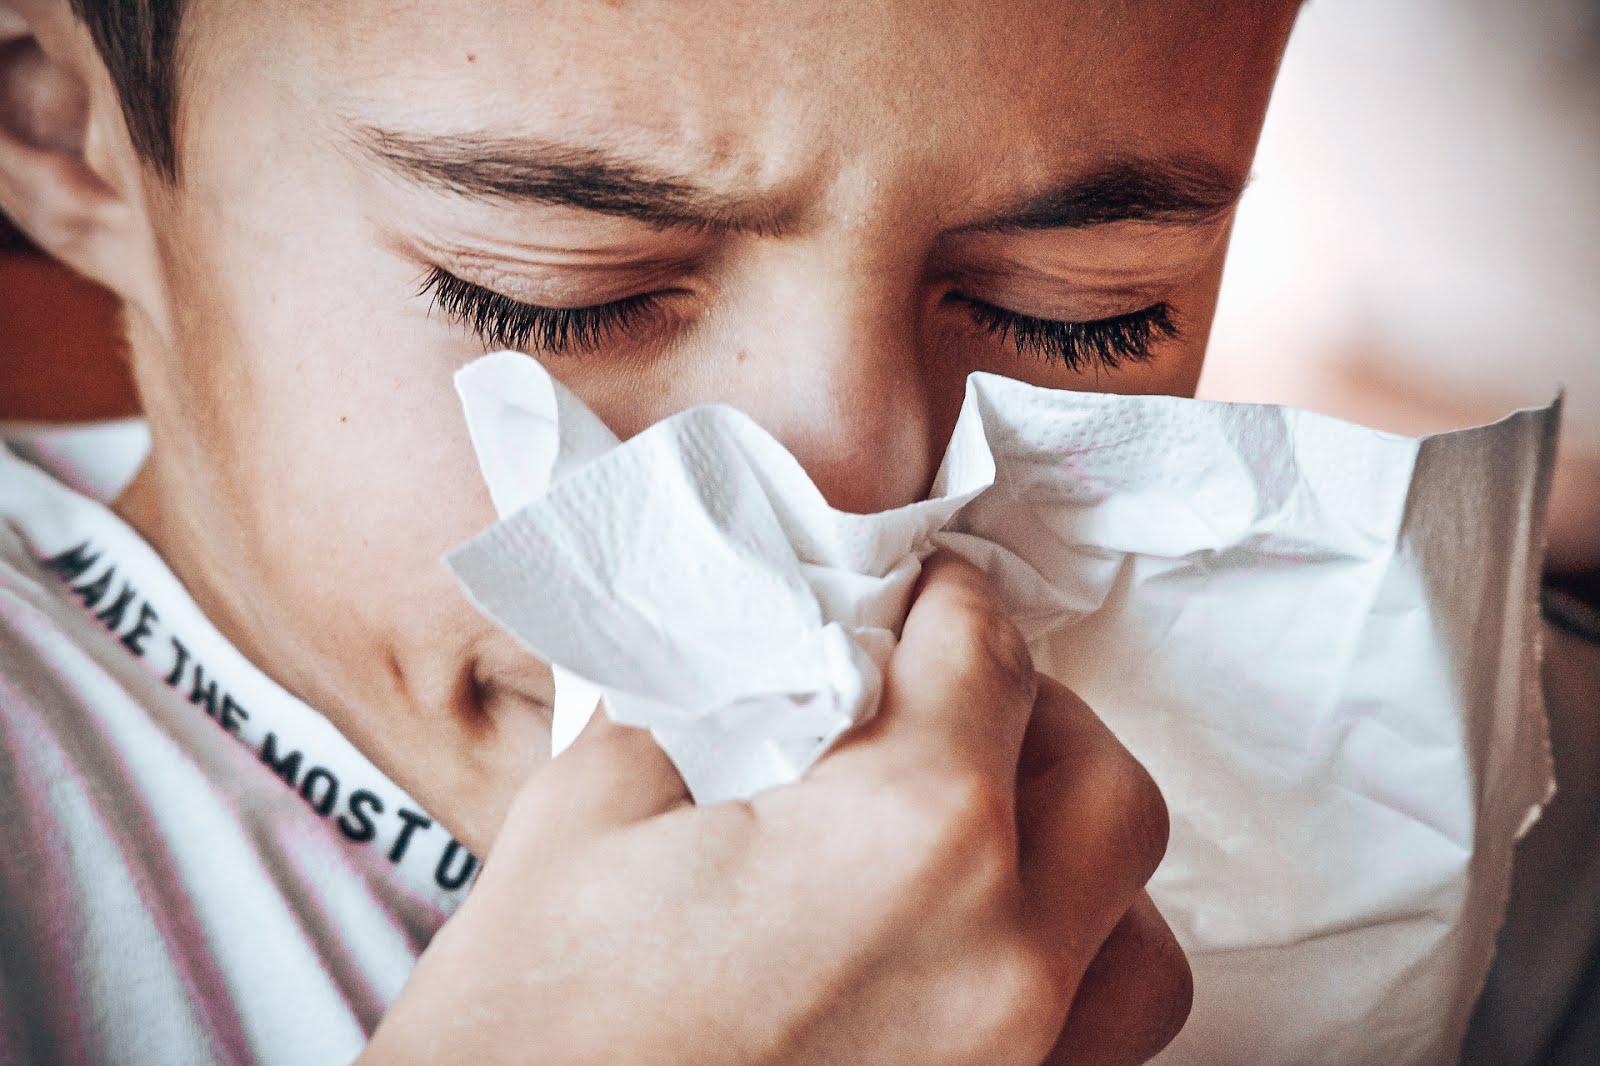 علاج التهاب الجيوب الانفيه بالاعشاب .